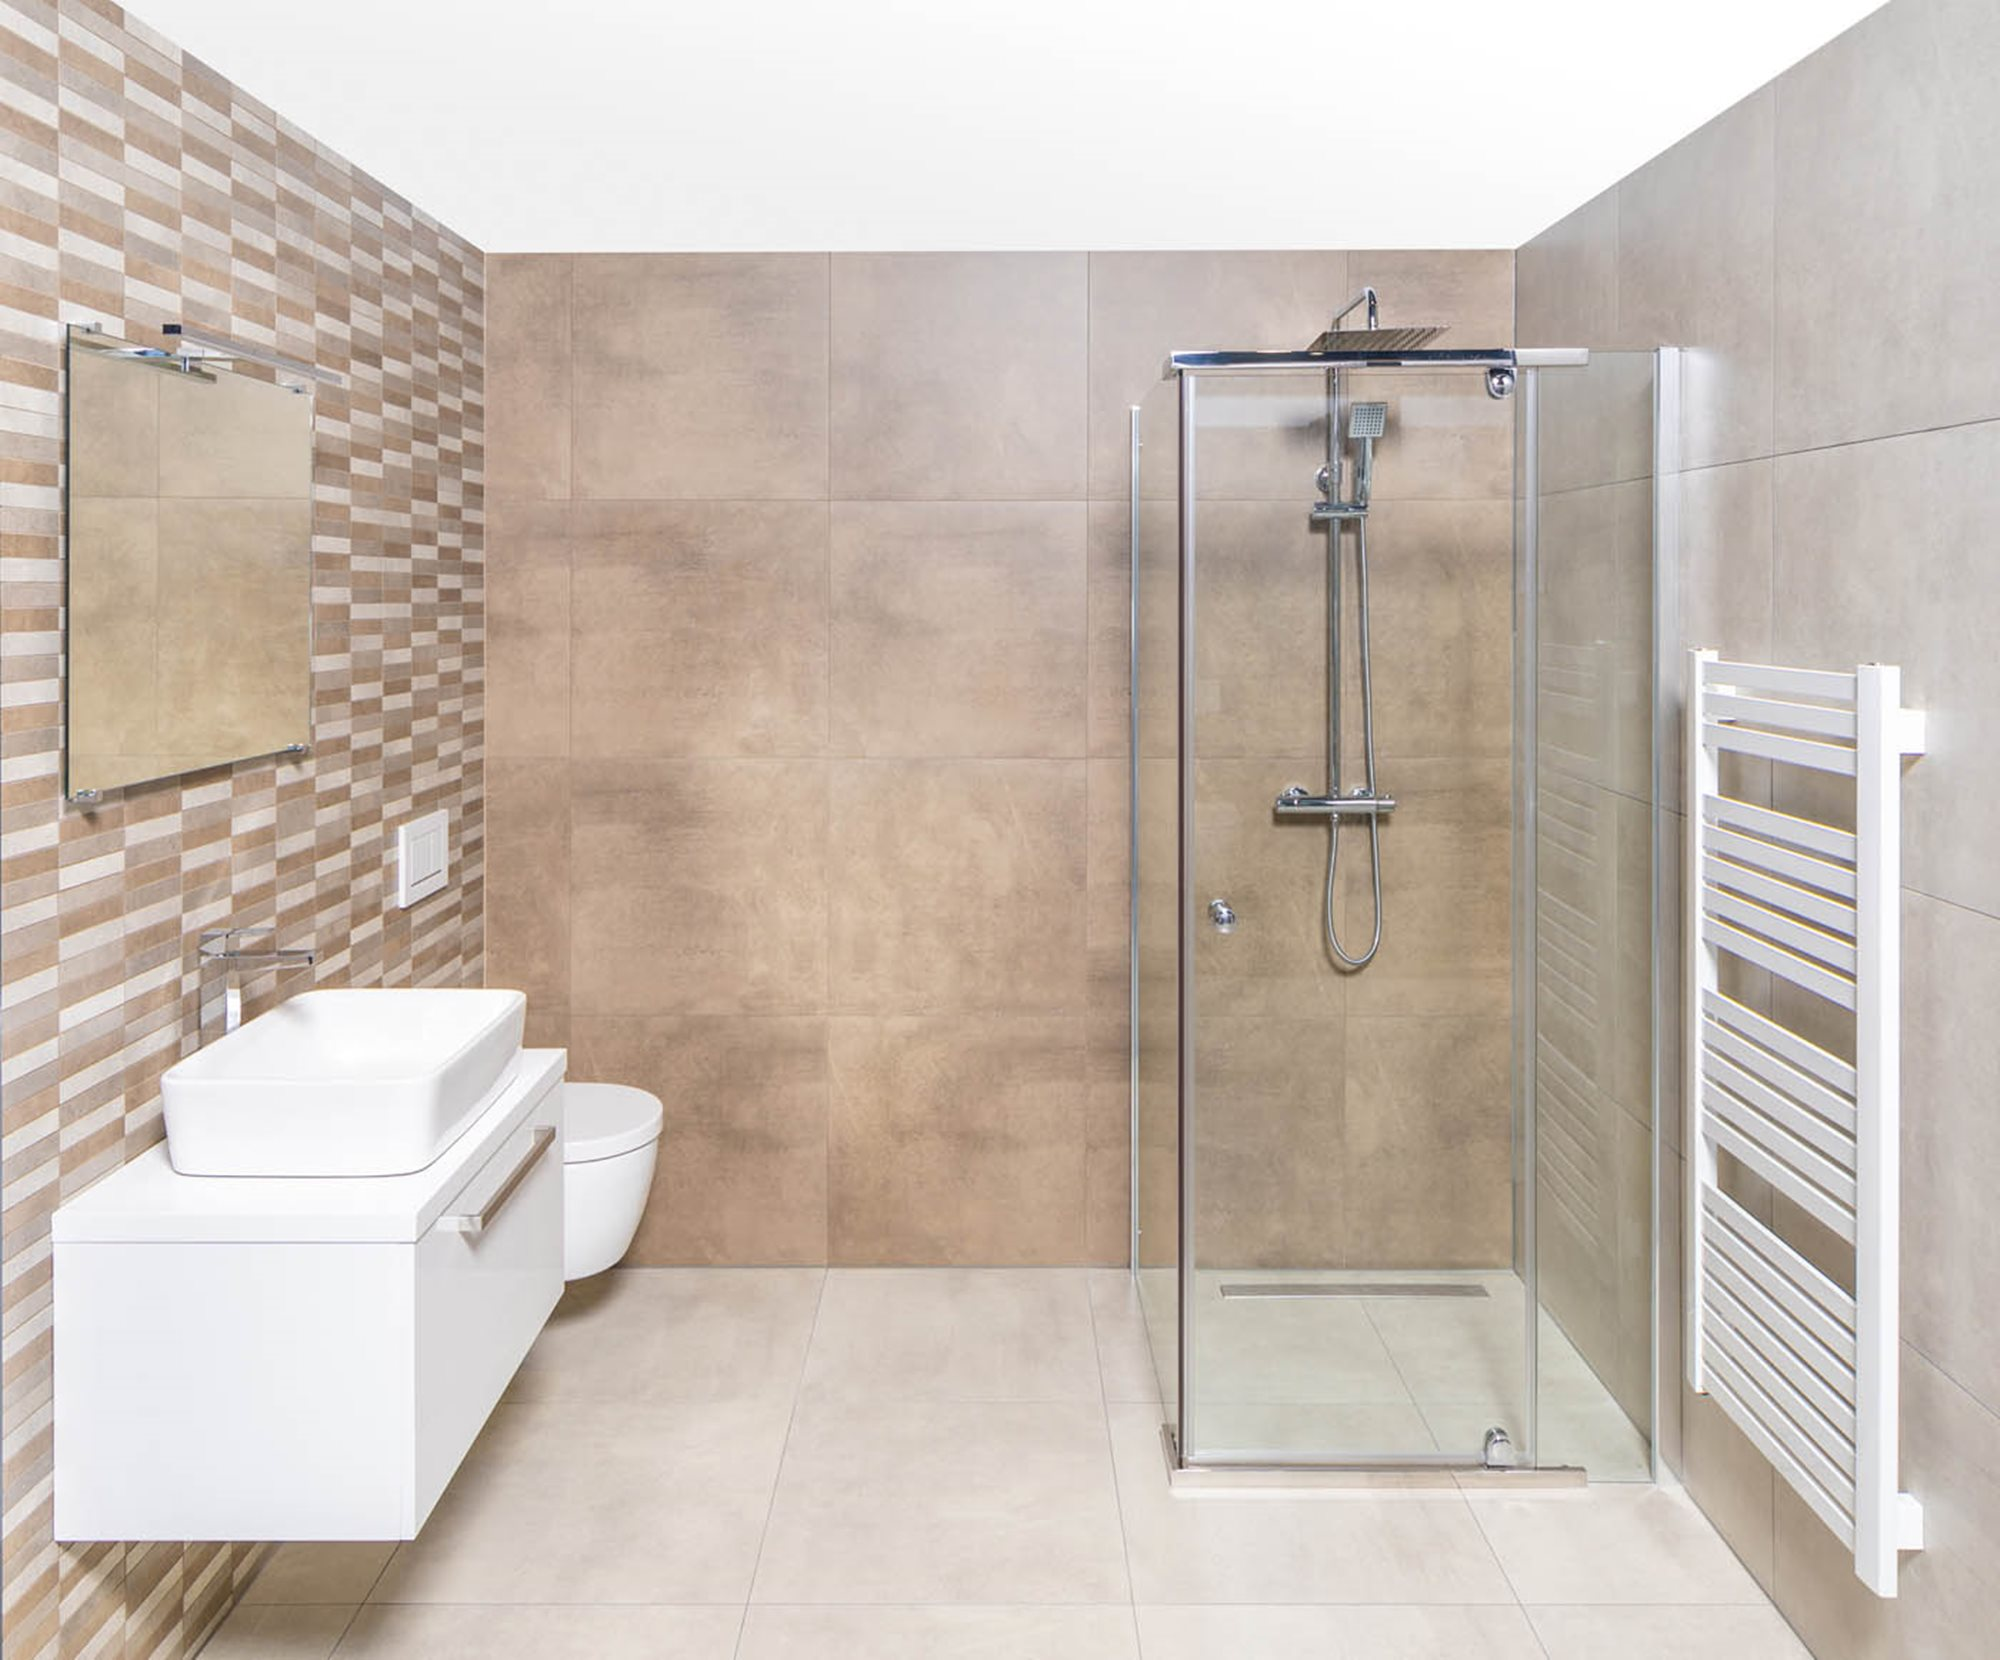 tips-douchecabine-schoonmaken-douchecabine-beige-tegels-wit-badkamermeubel-waskom-witte-radiator.jpg